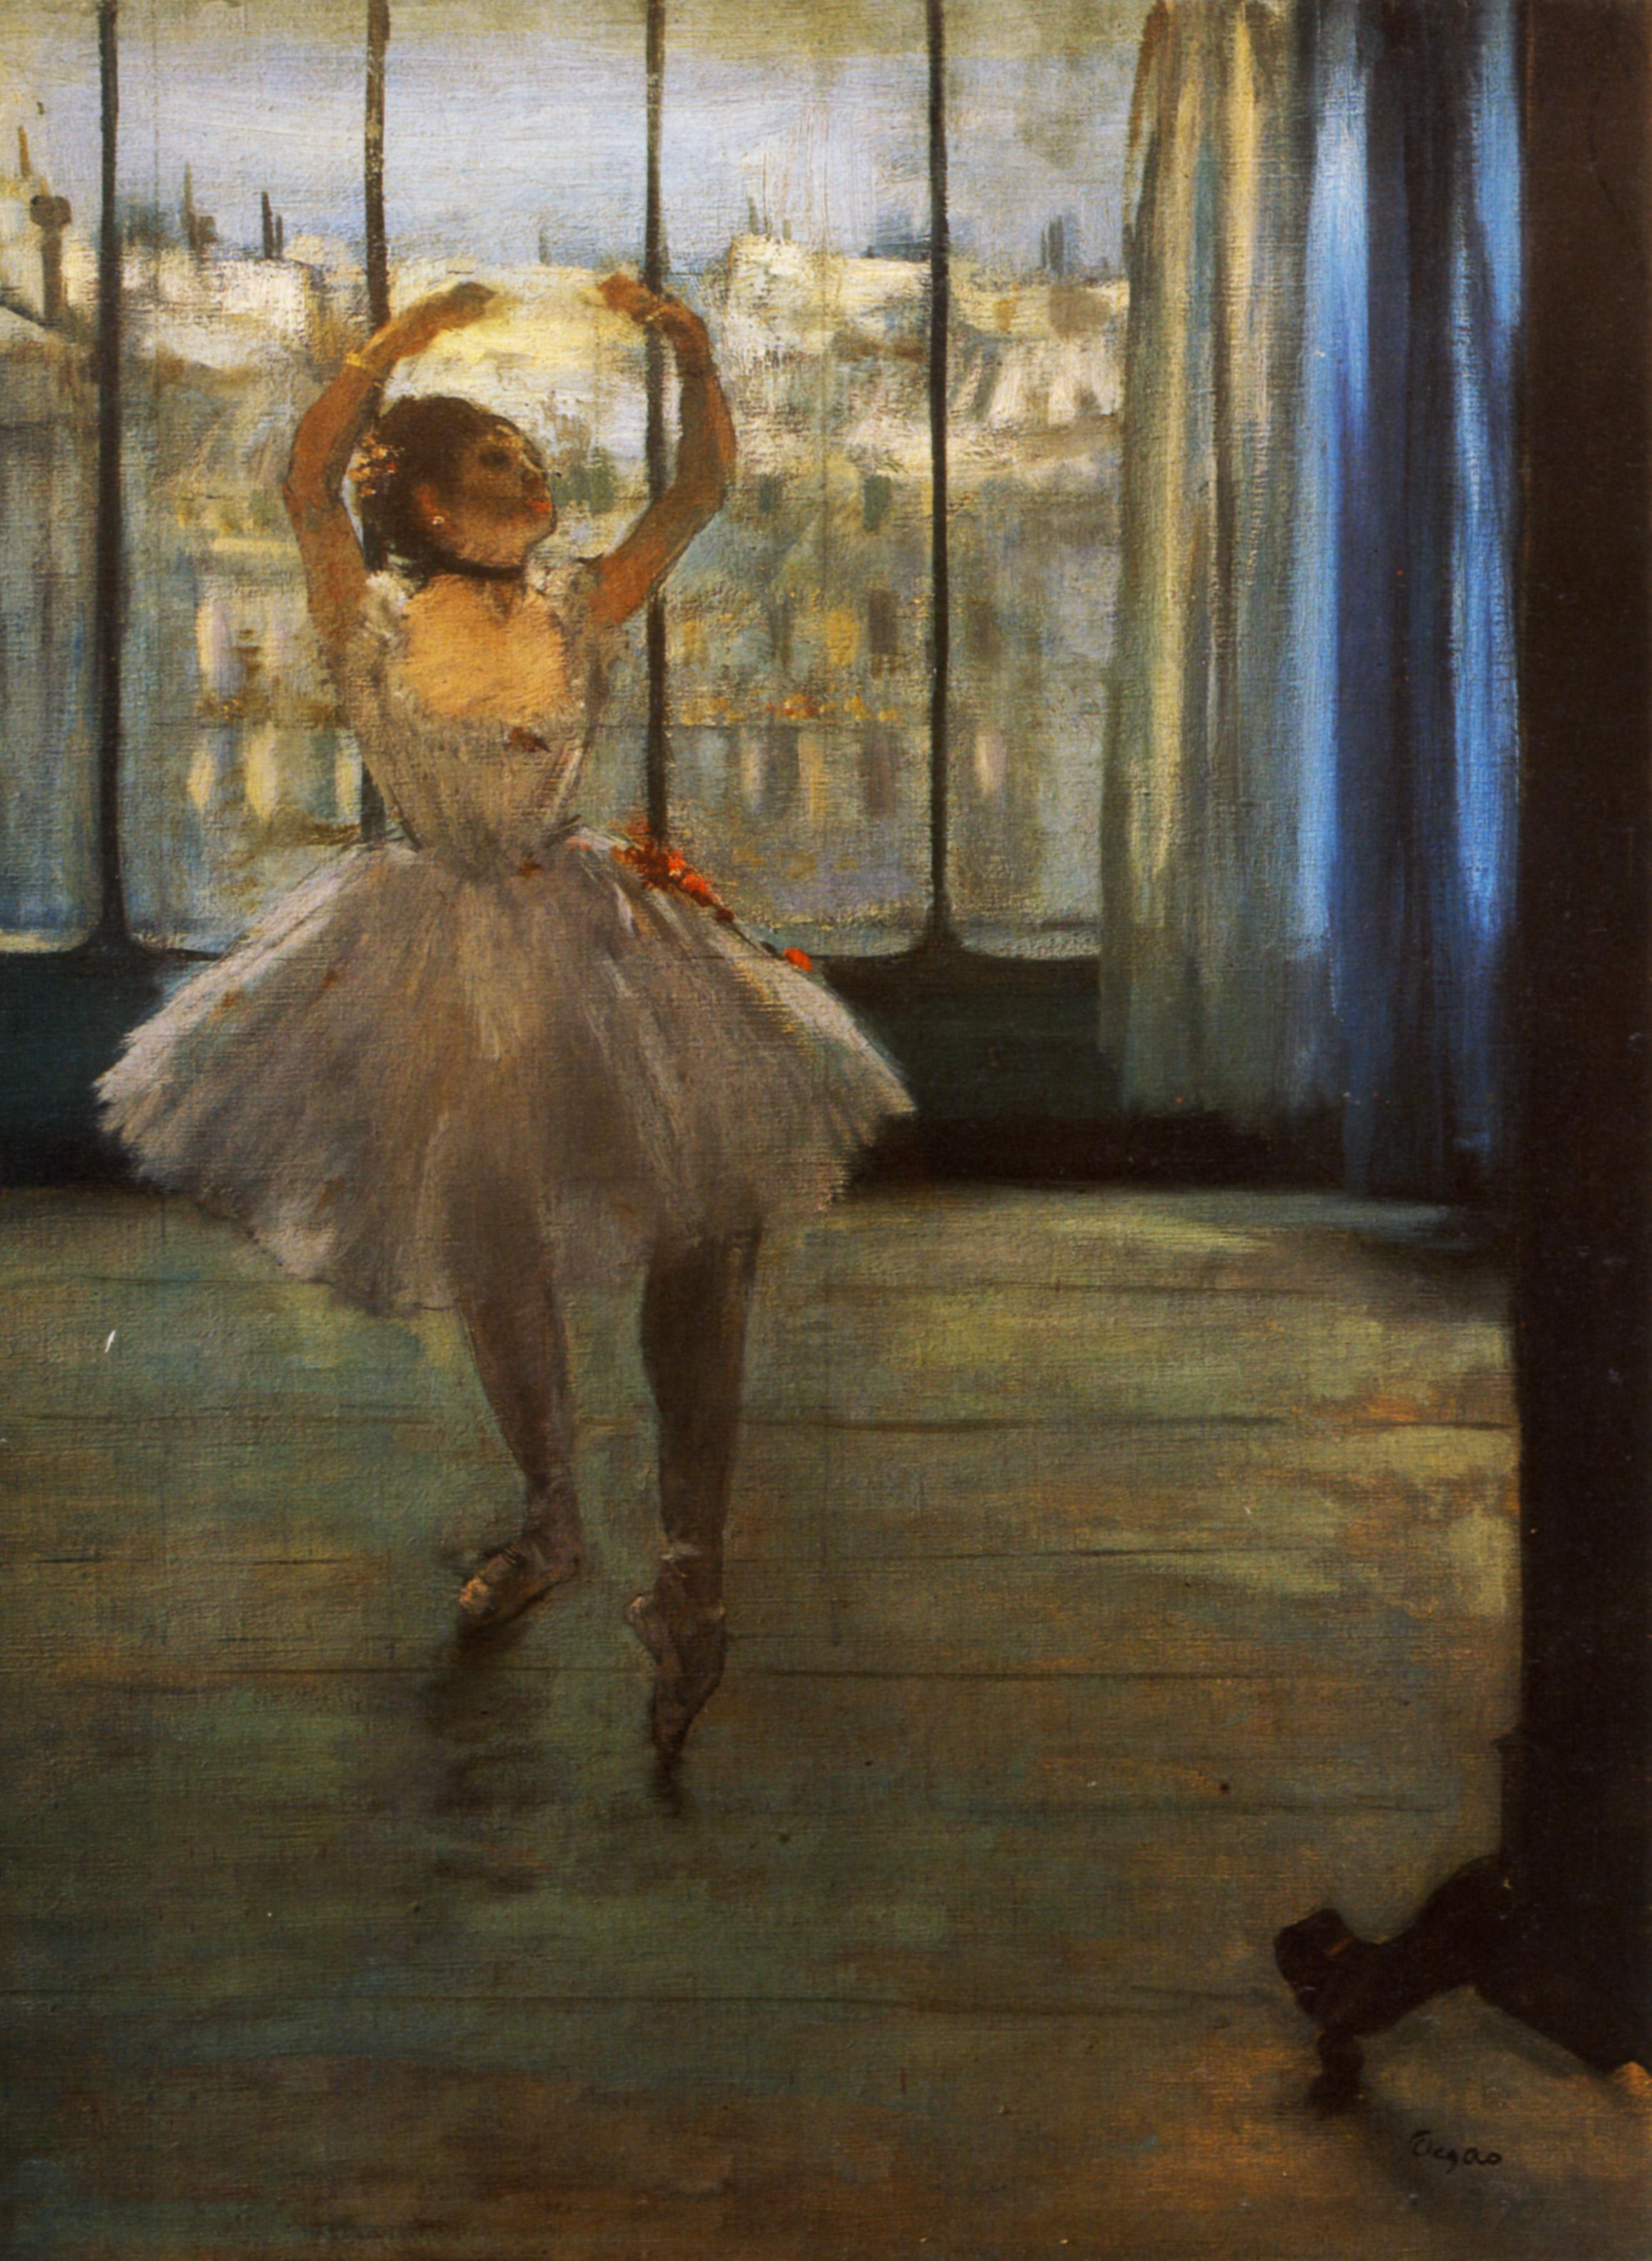 danseuse posant chez un photographe huile sur toile x6550. Black Bedroom Furniture Sets. Home Design Ideas